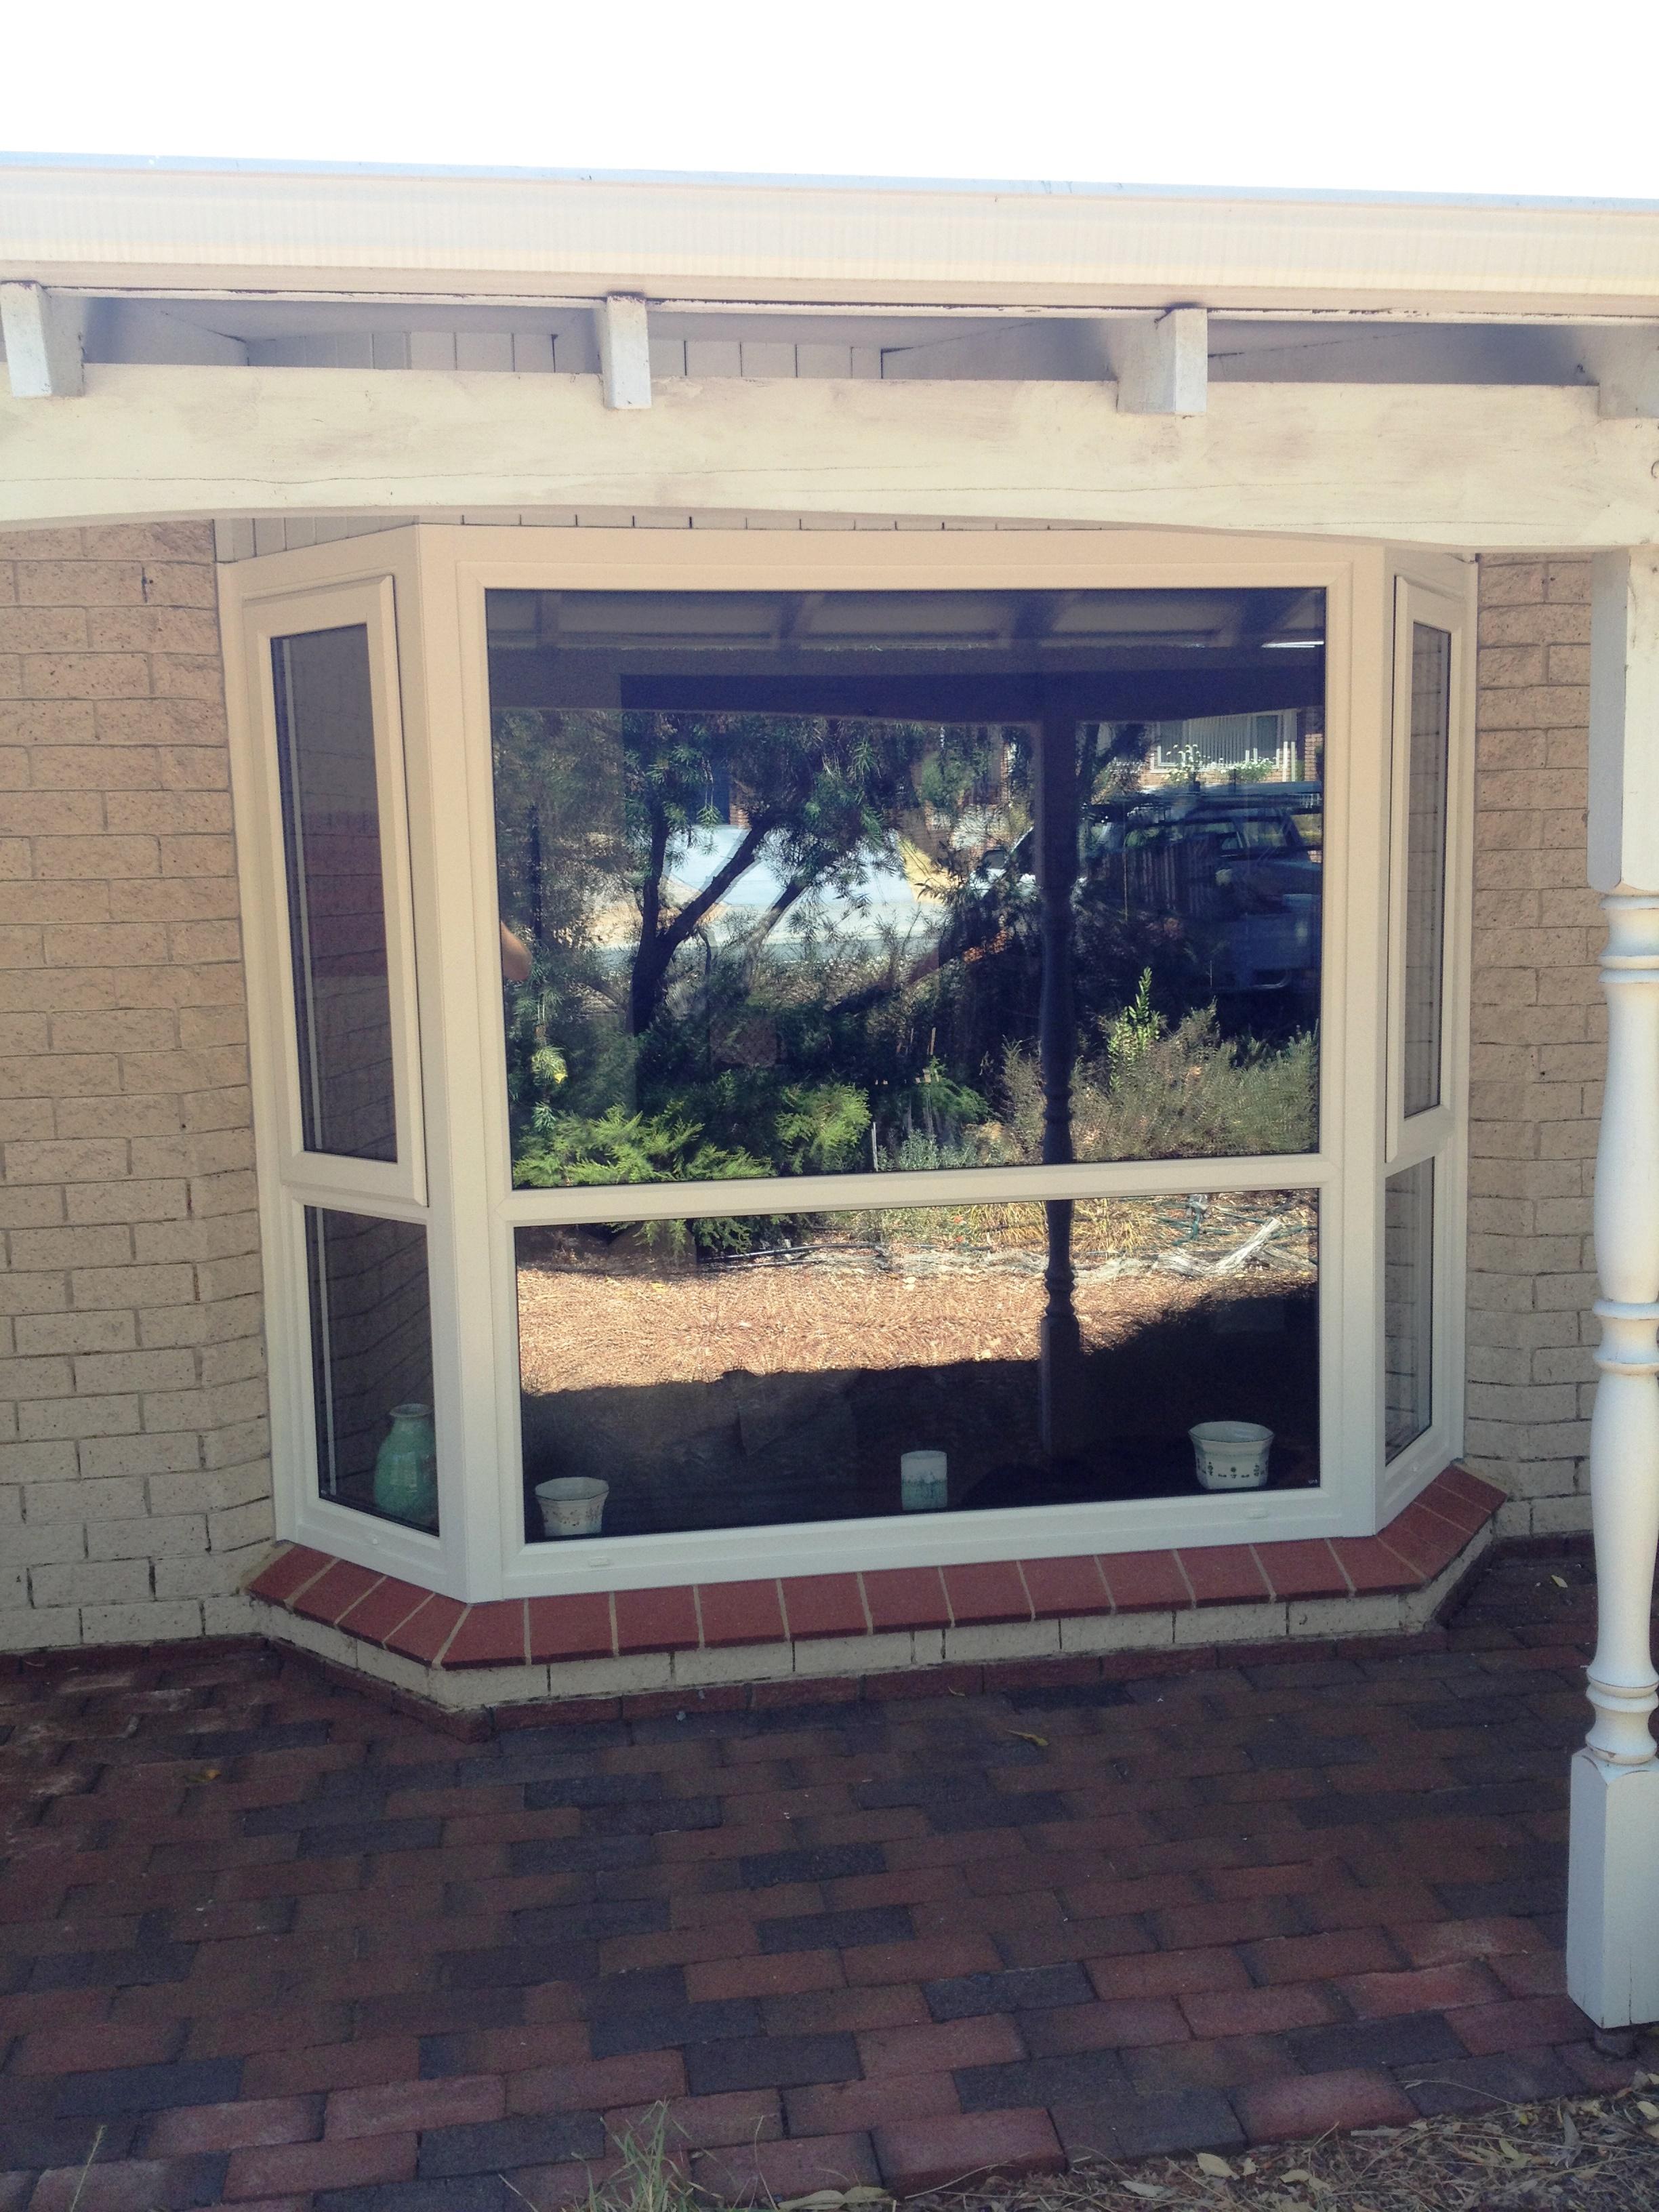 Steel Windows Gone - New UPVC